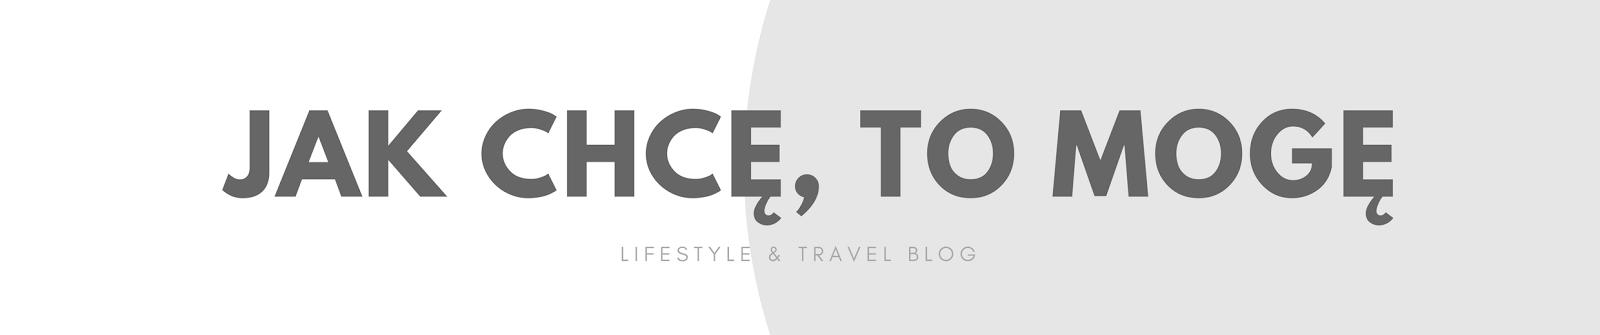 jak chcę, to mogę! blog lifestylowo-podróżniczy